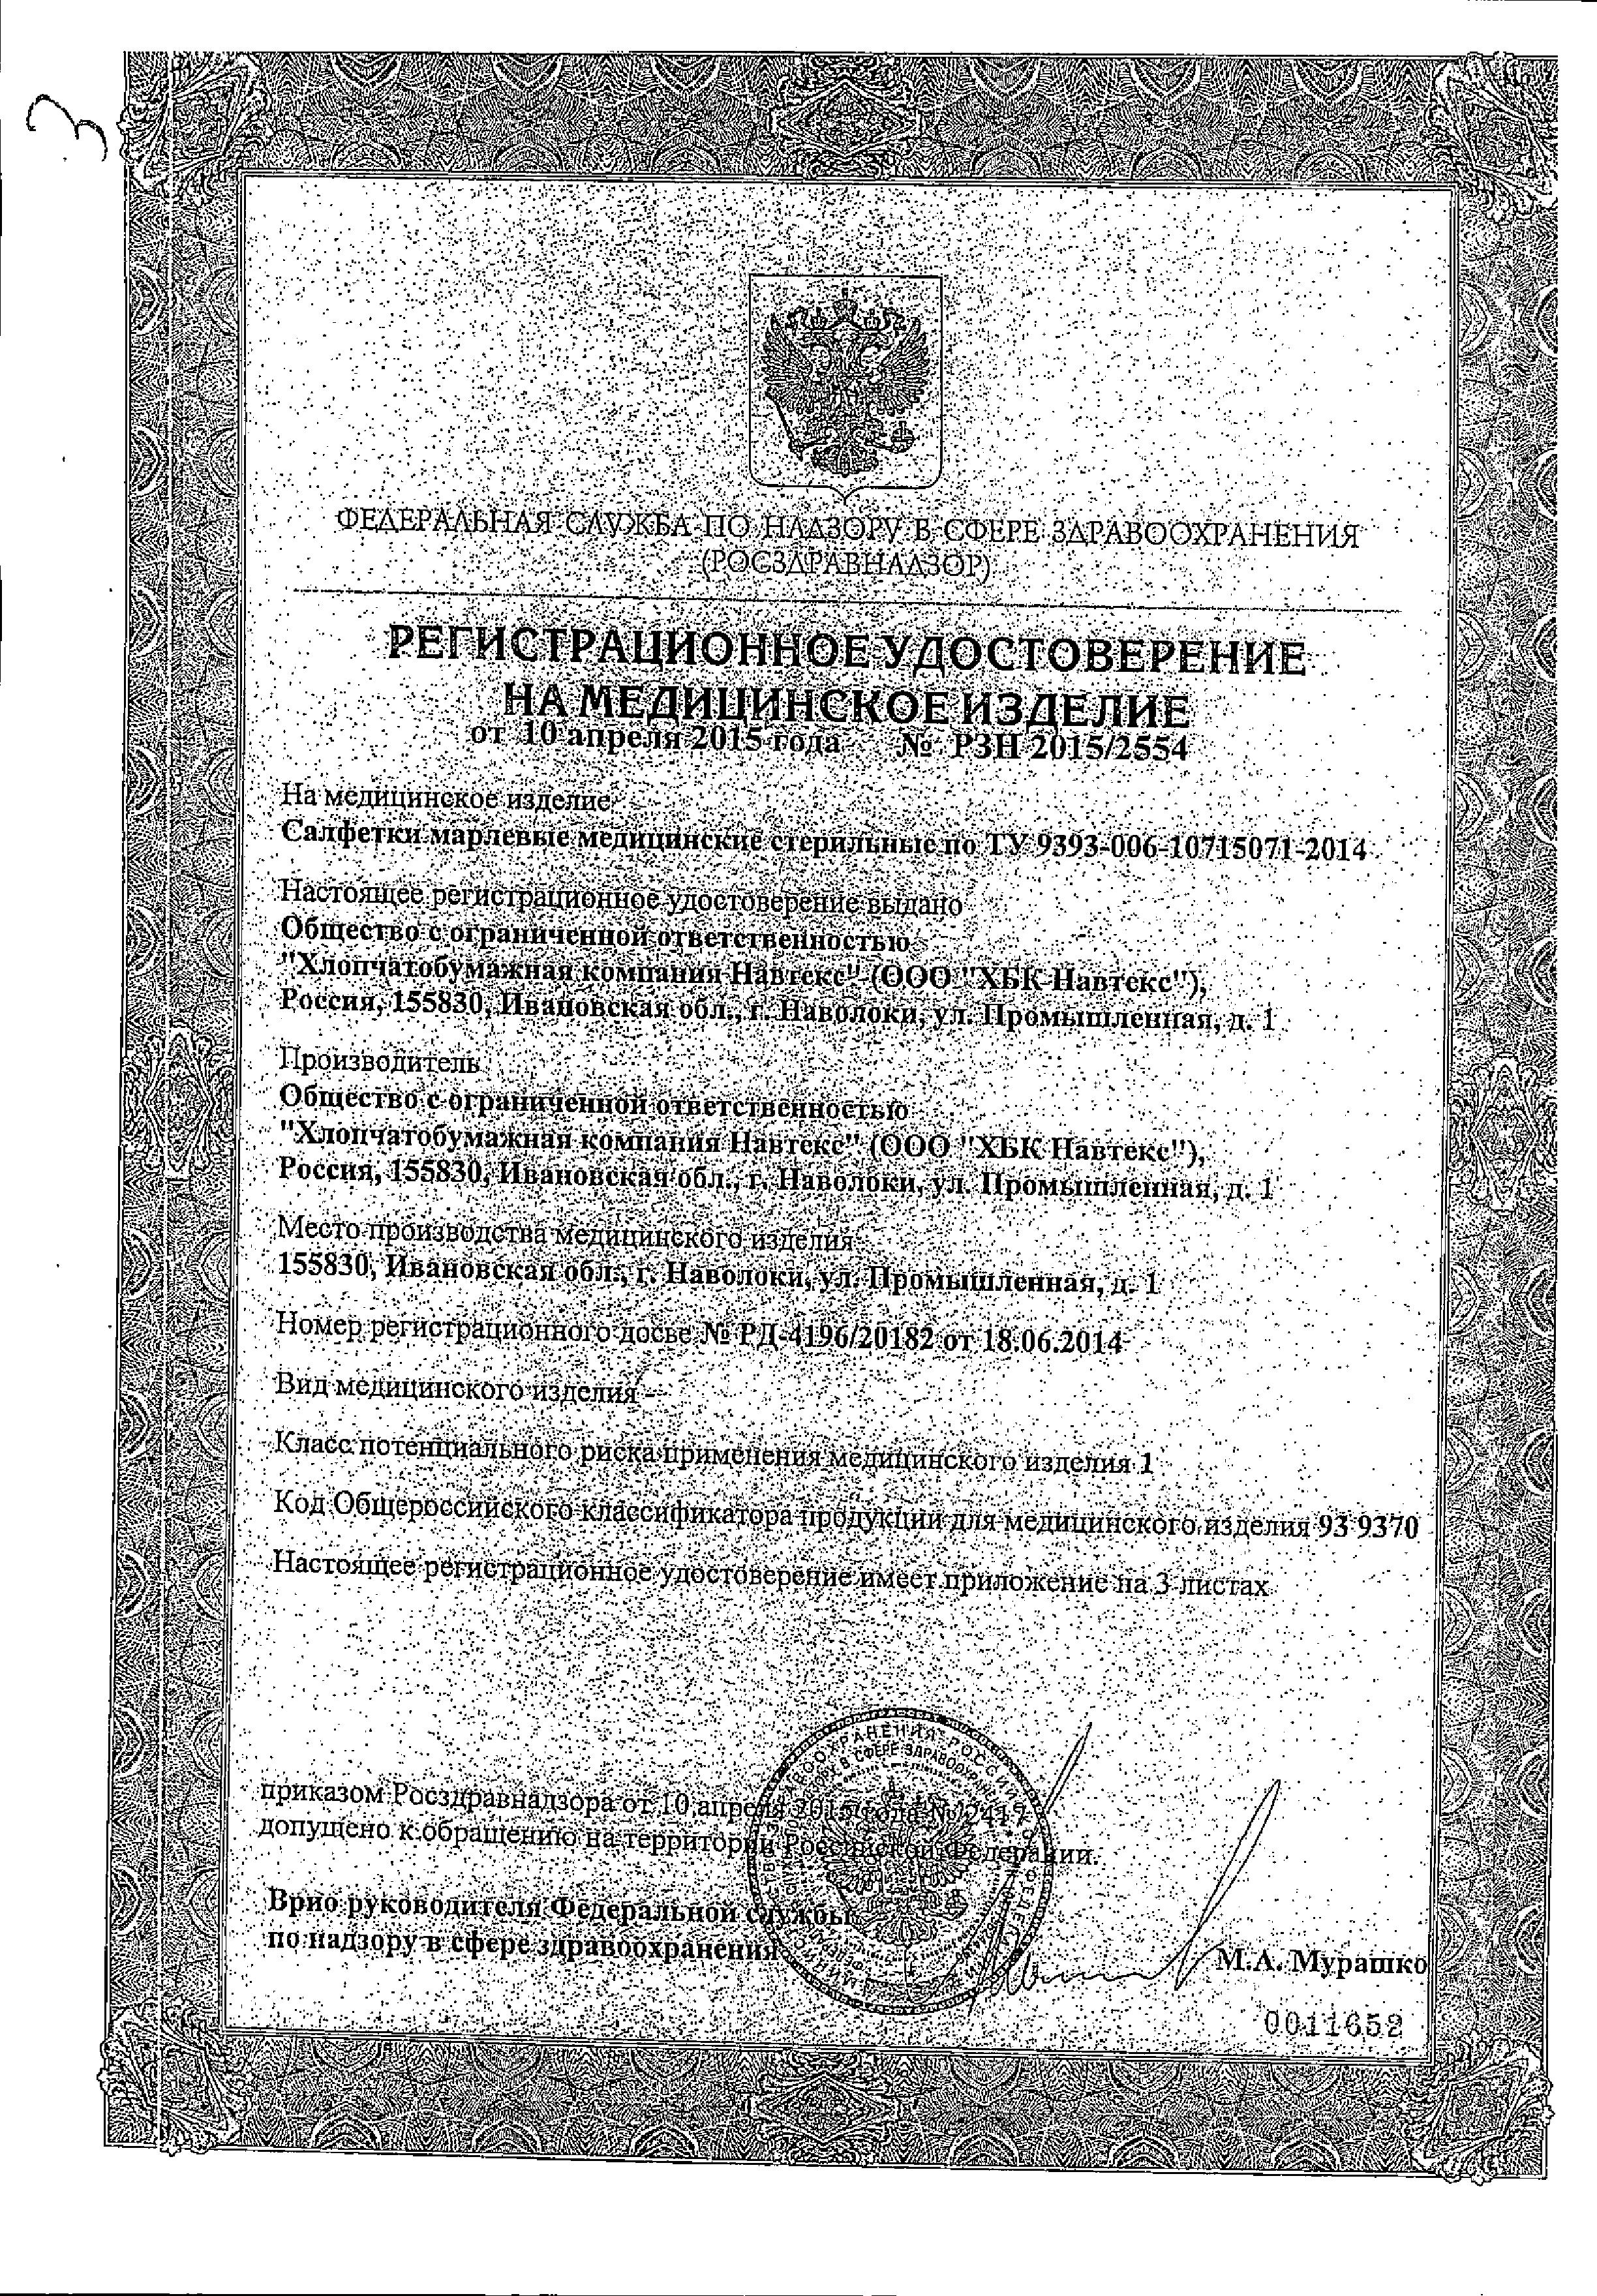 Салфетки марлевые медицинские стерильные сертификат